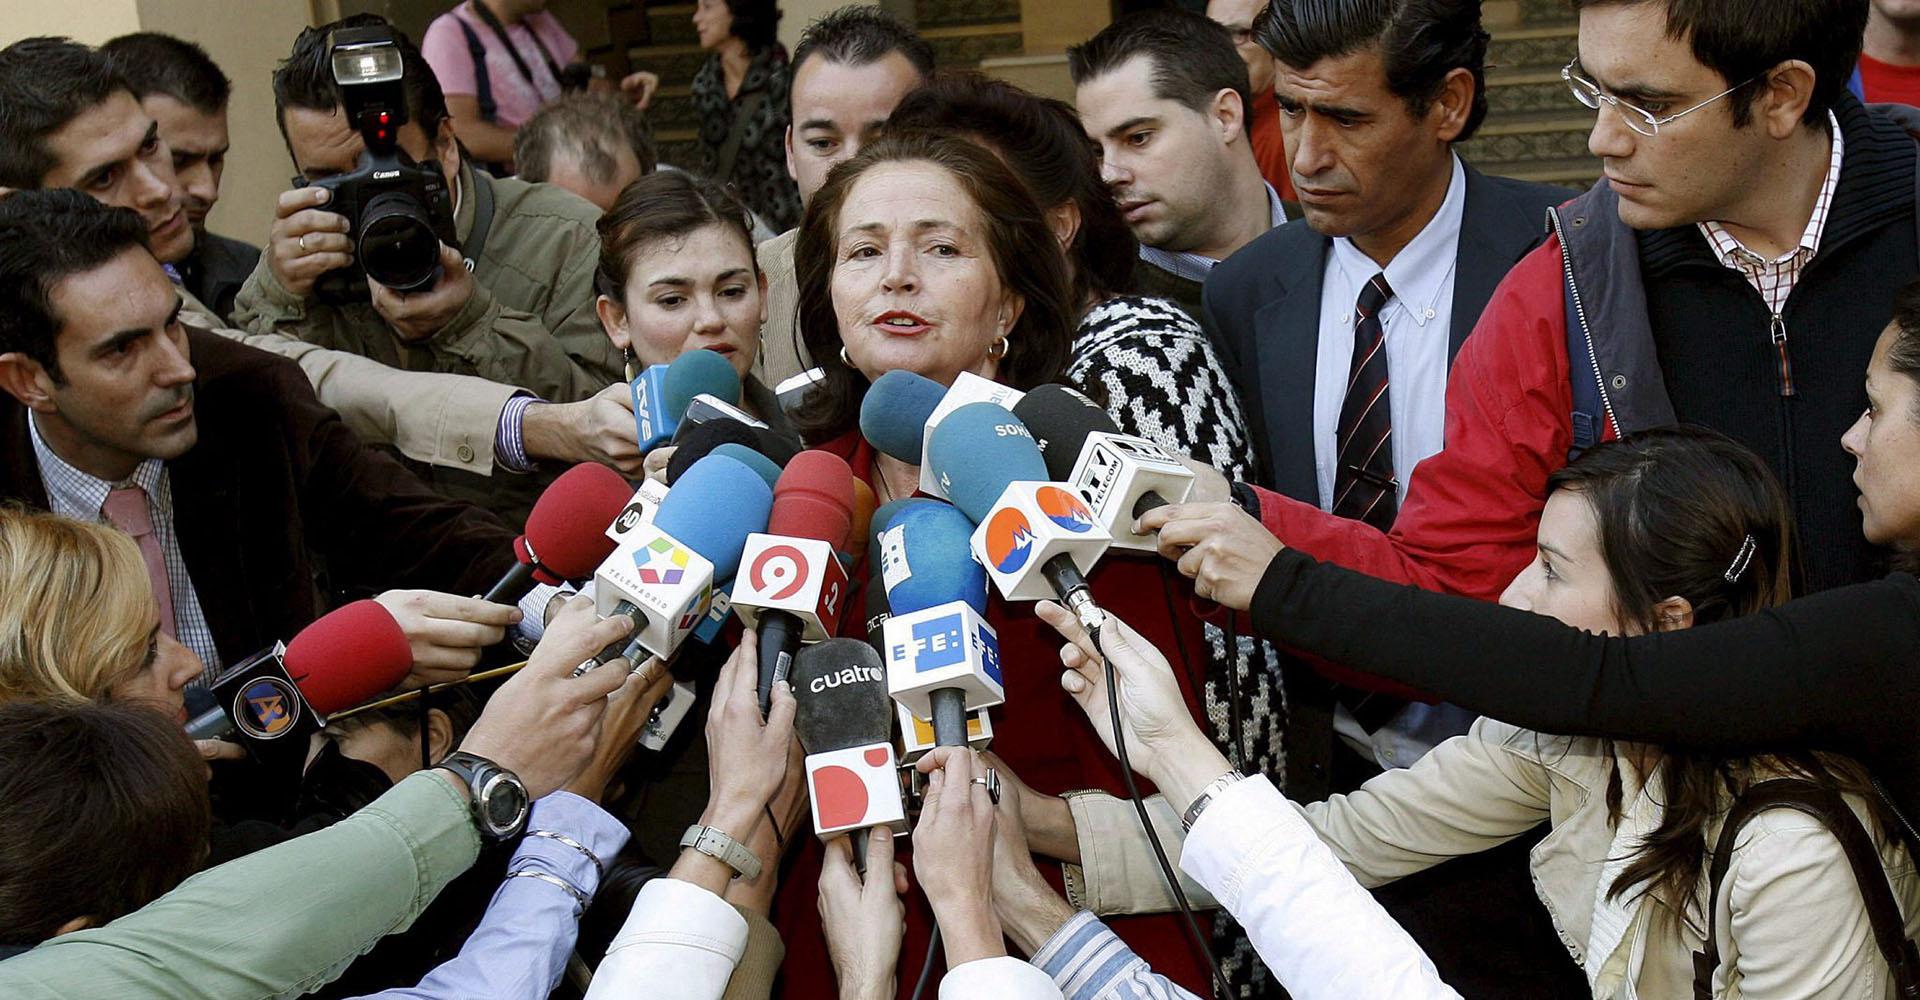 Alicia Hornos gibt ein Statement zum Mord an der Costa del Sol ab